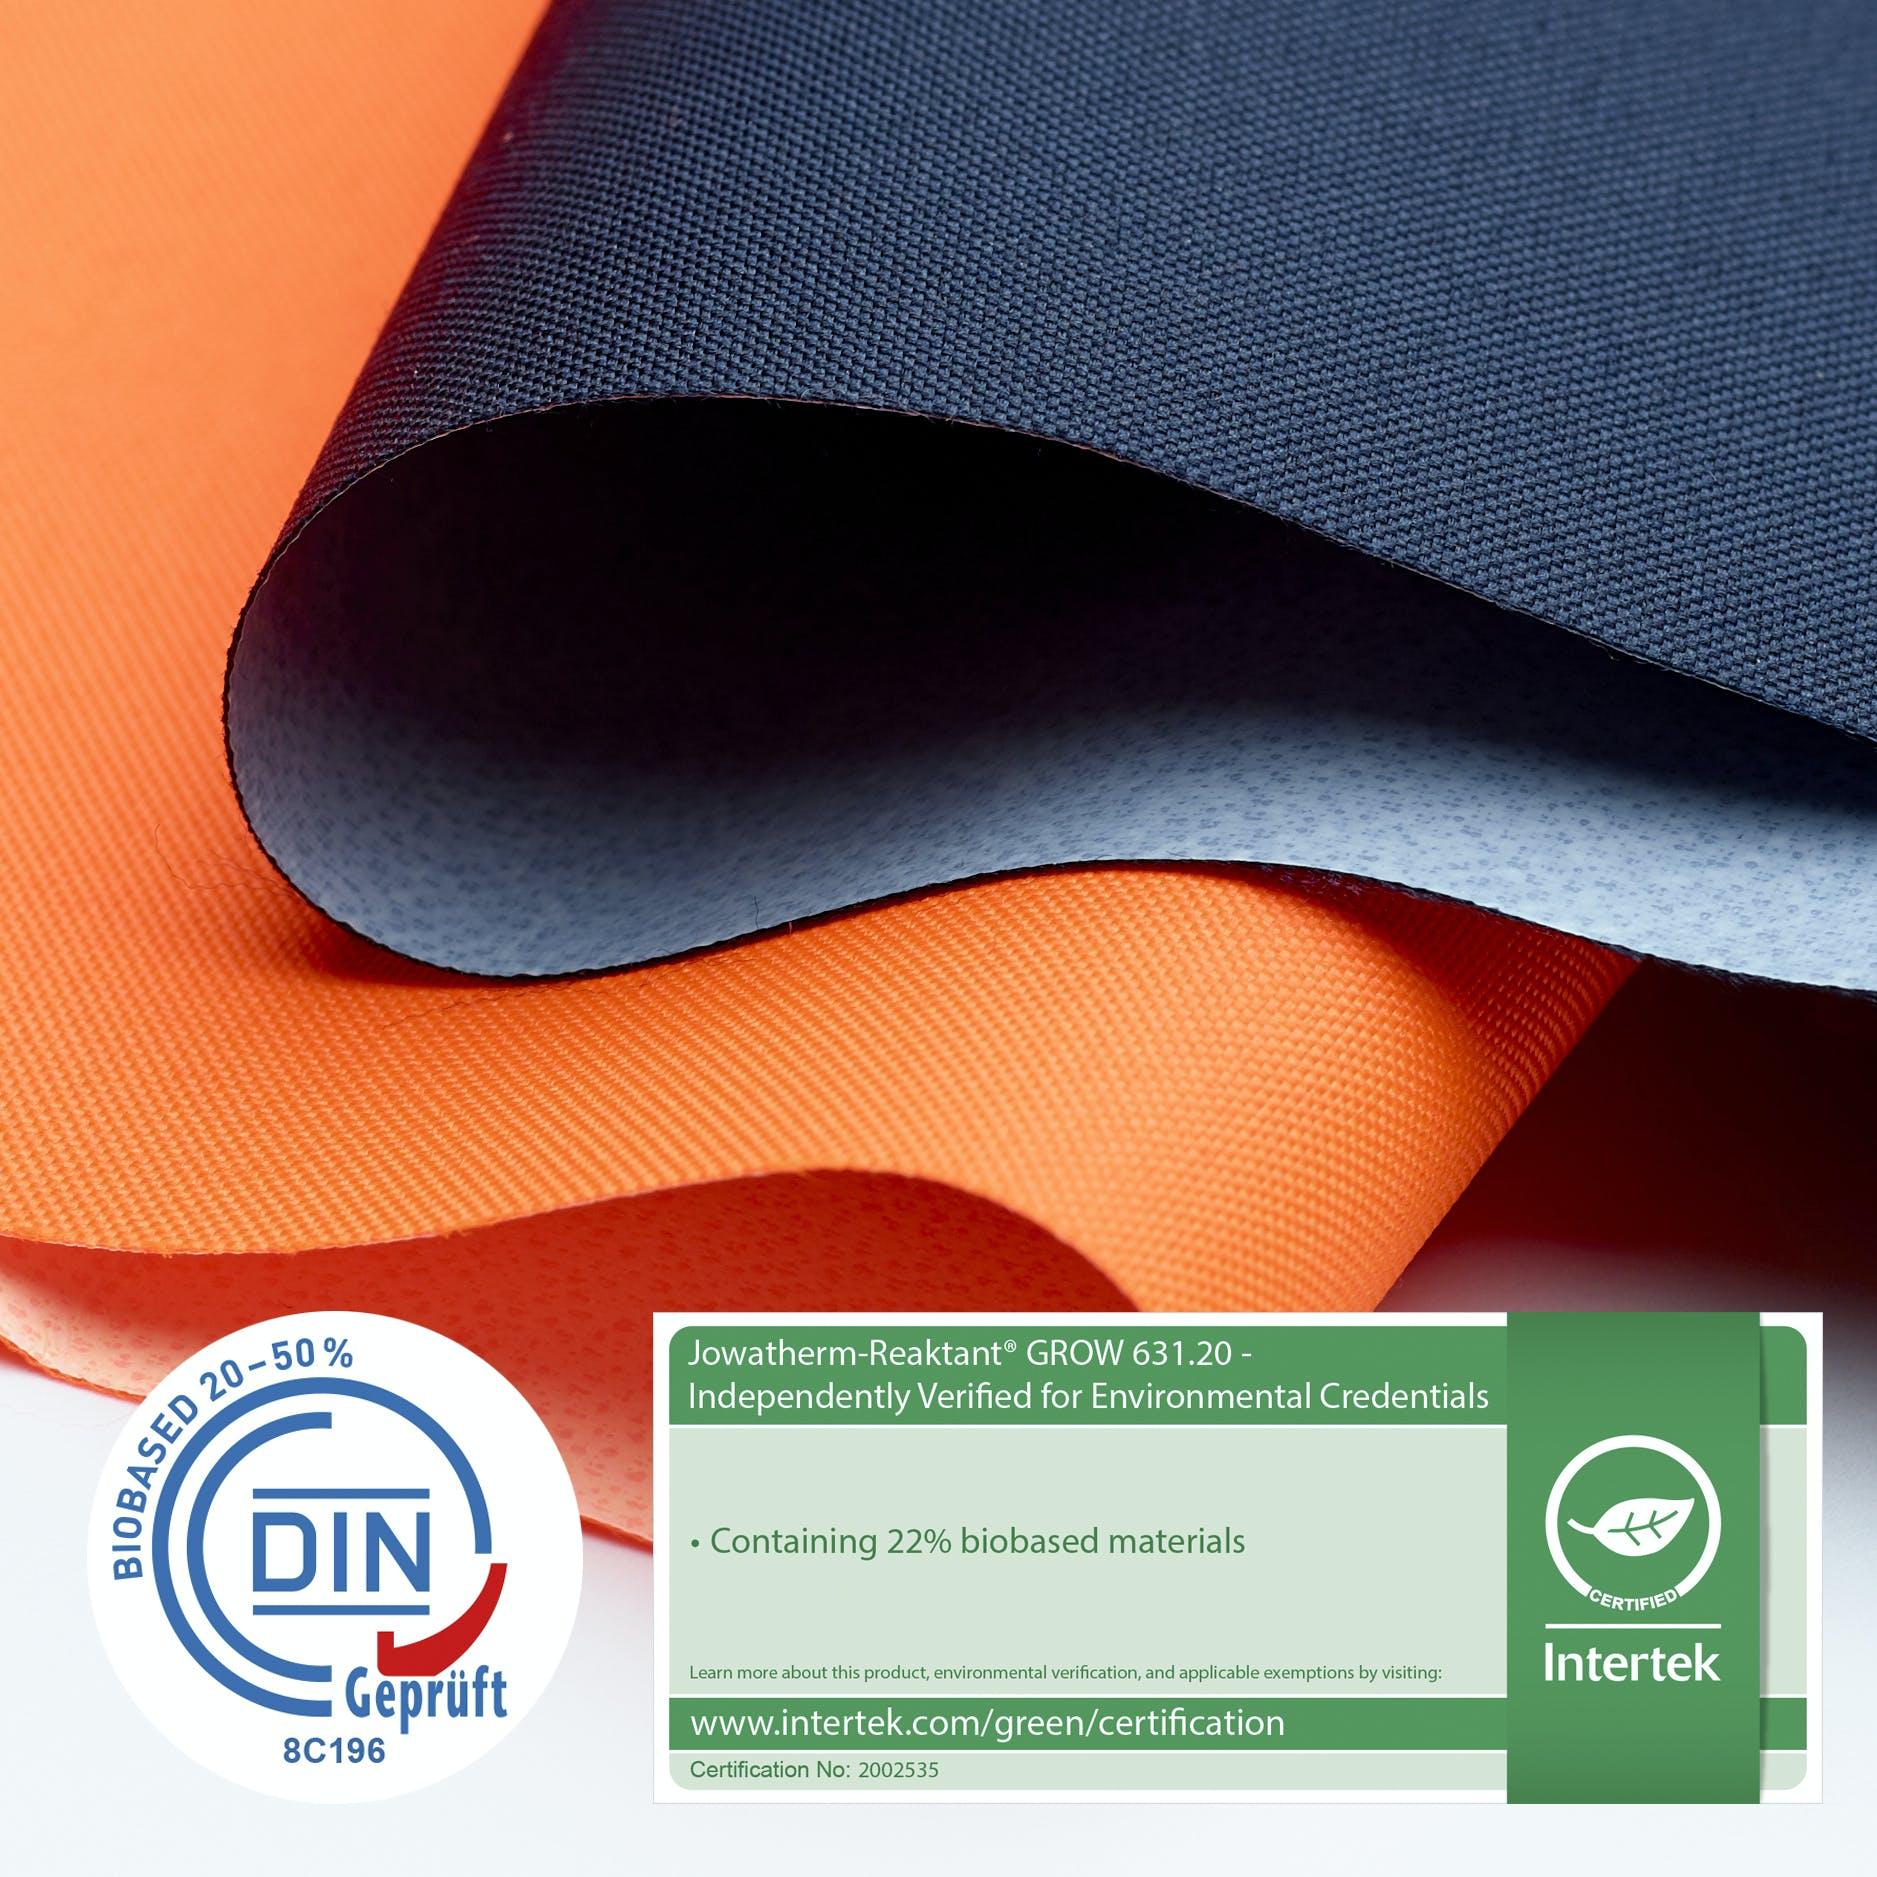 Jowatherm-Reaktant GROW biobased adhesive textile